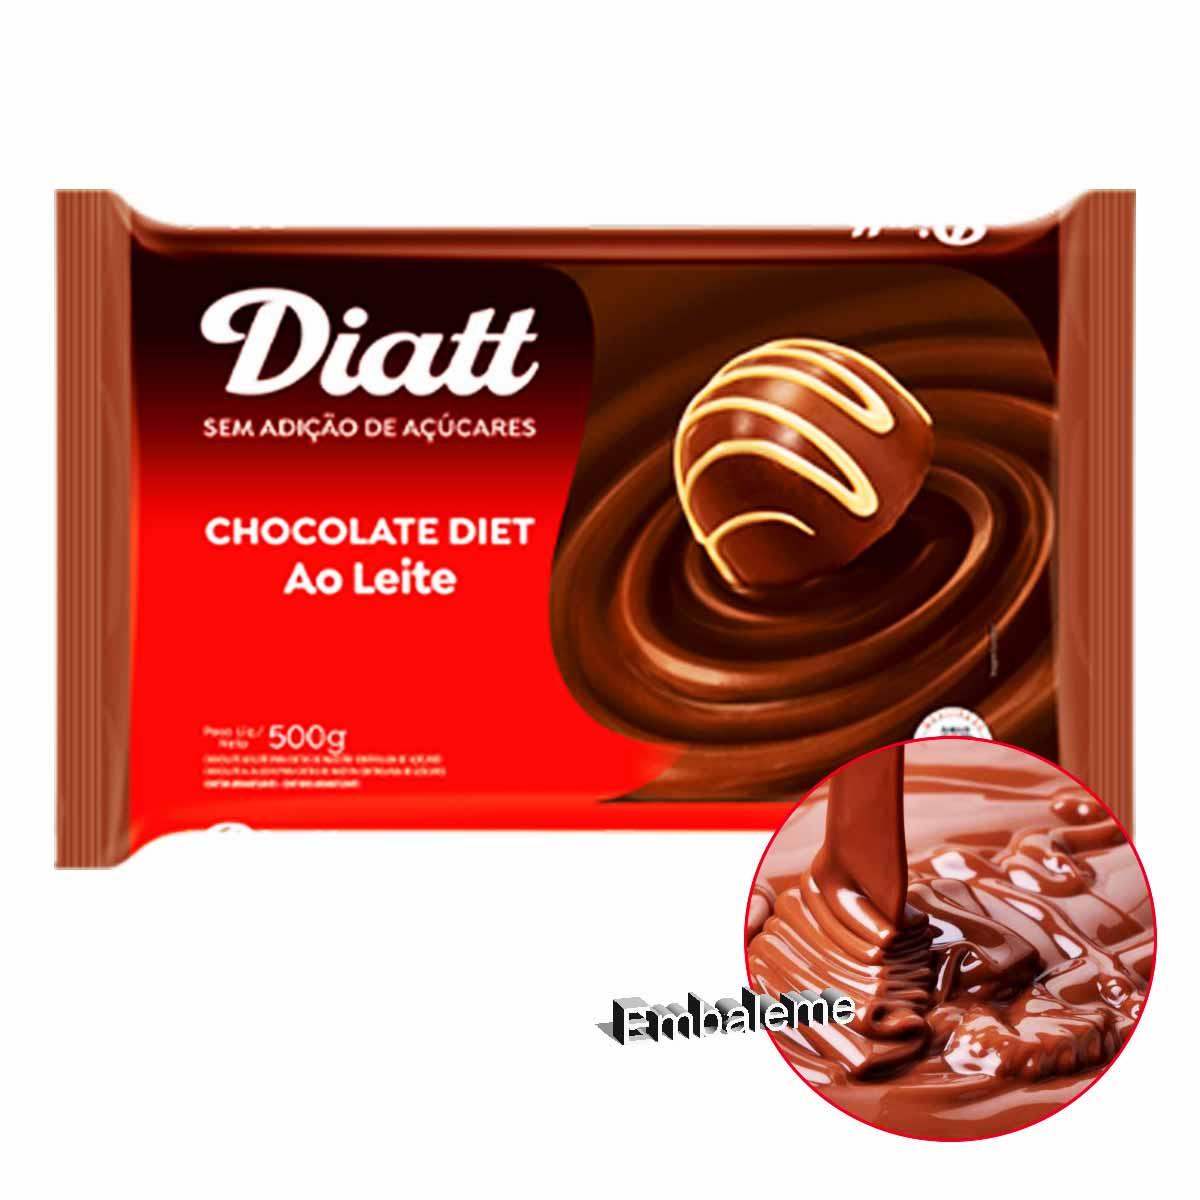 Chocolate Diet Barra 500g DIATT